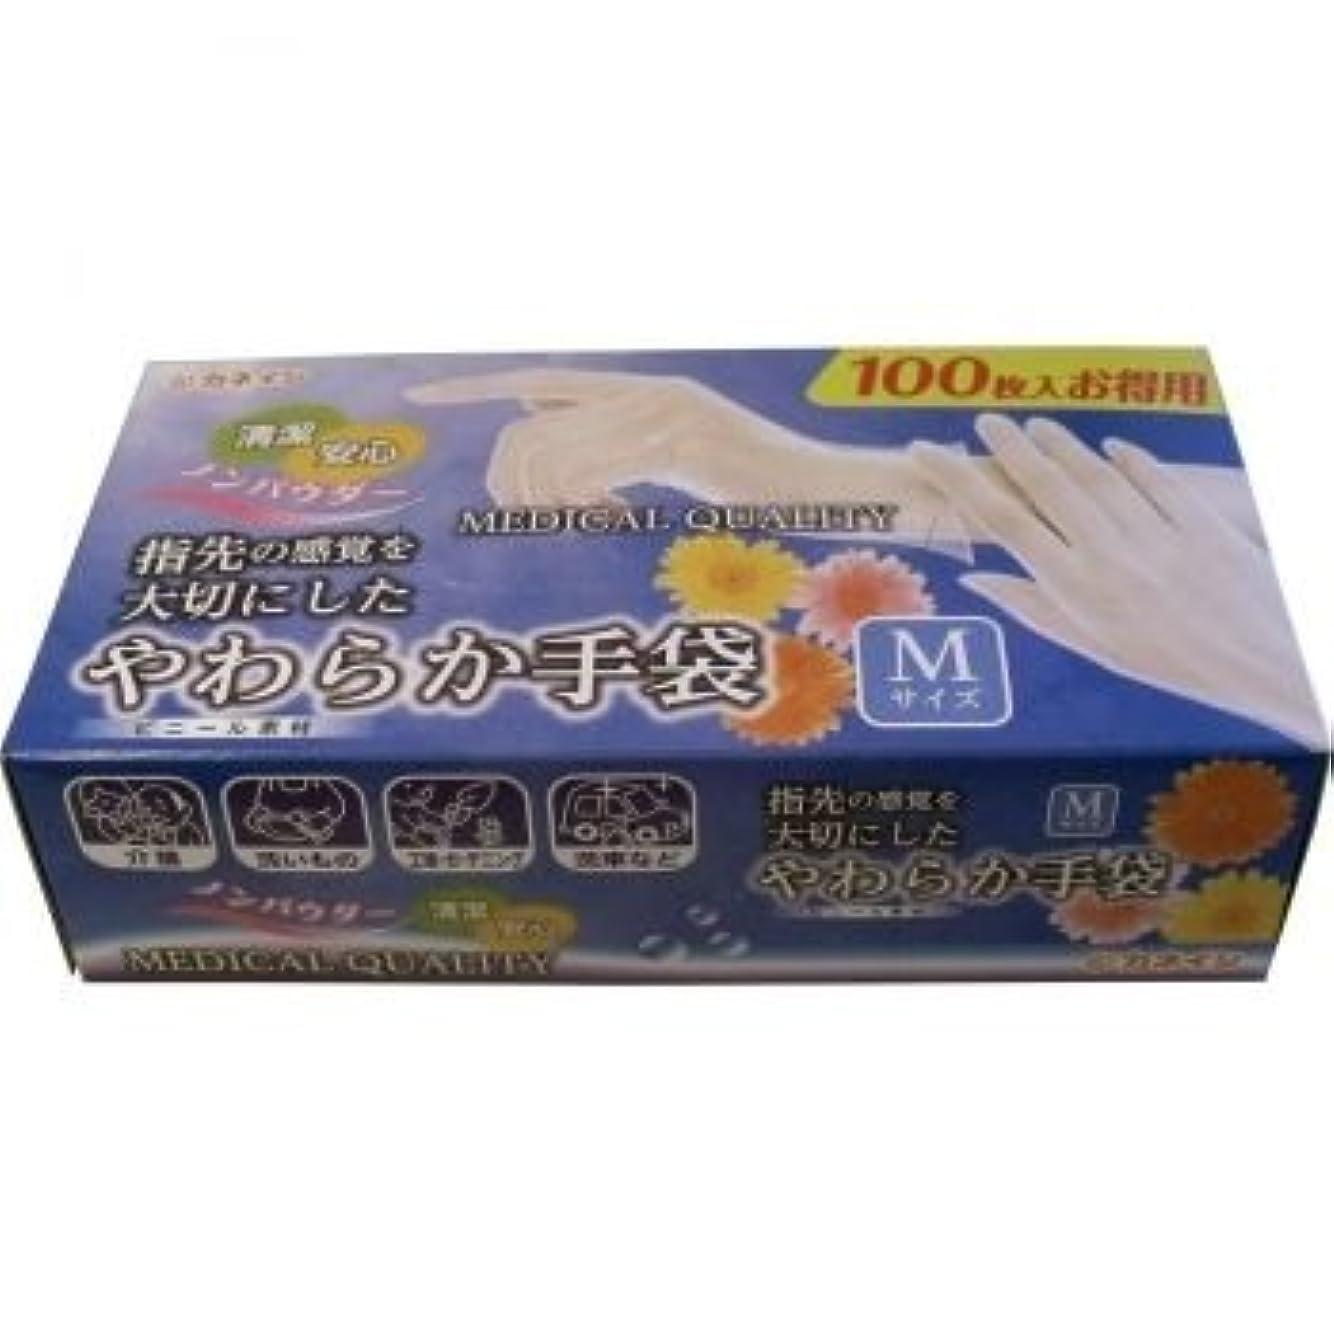 やわらか手袋 ビニール素材 パウダーフリー Mサイズ 100枚入【2個セット】